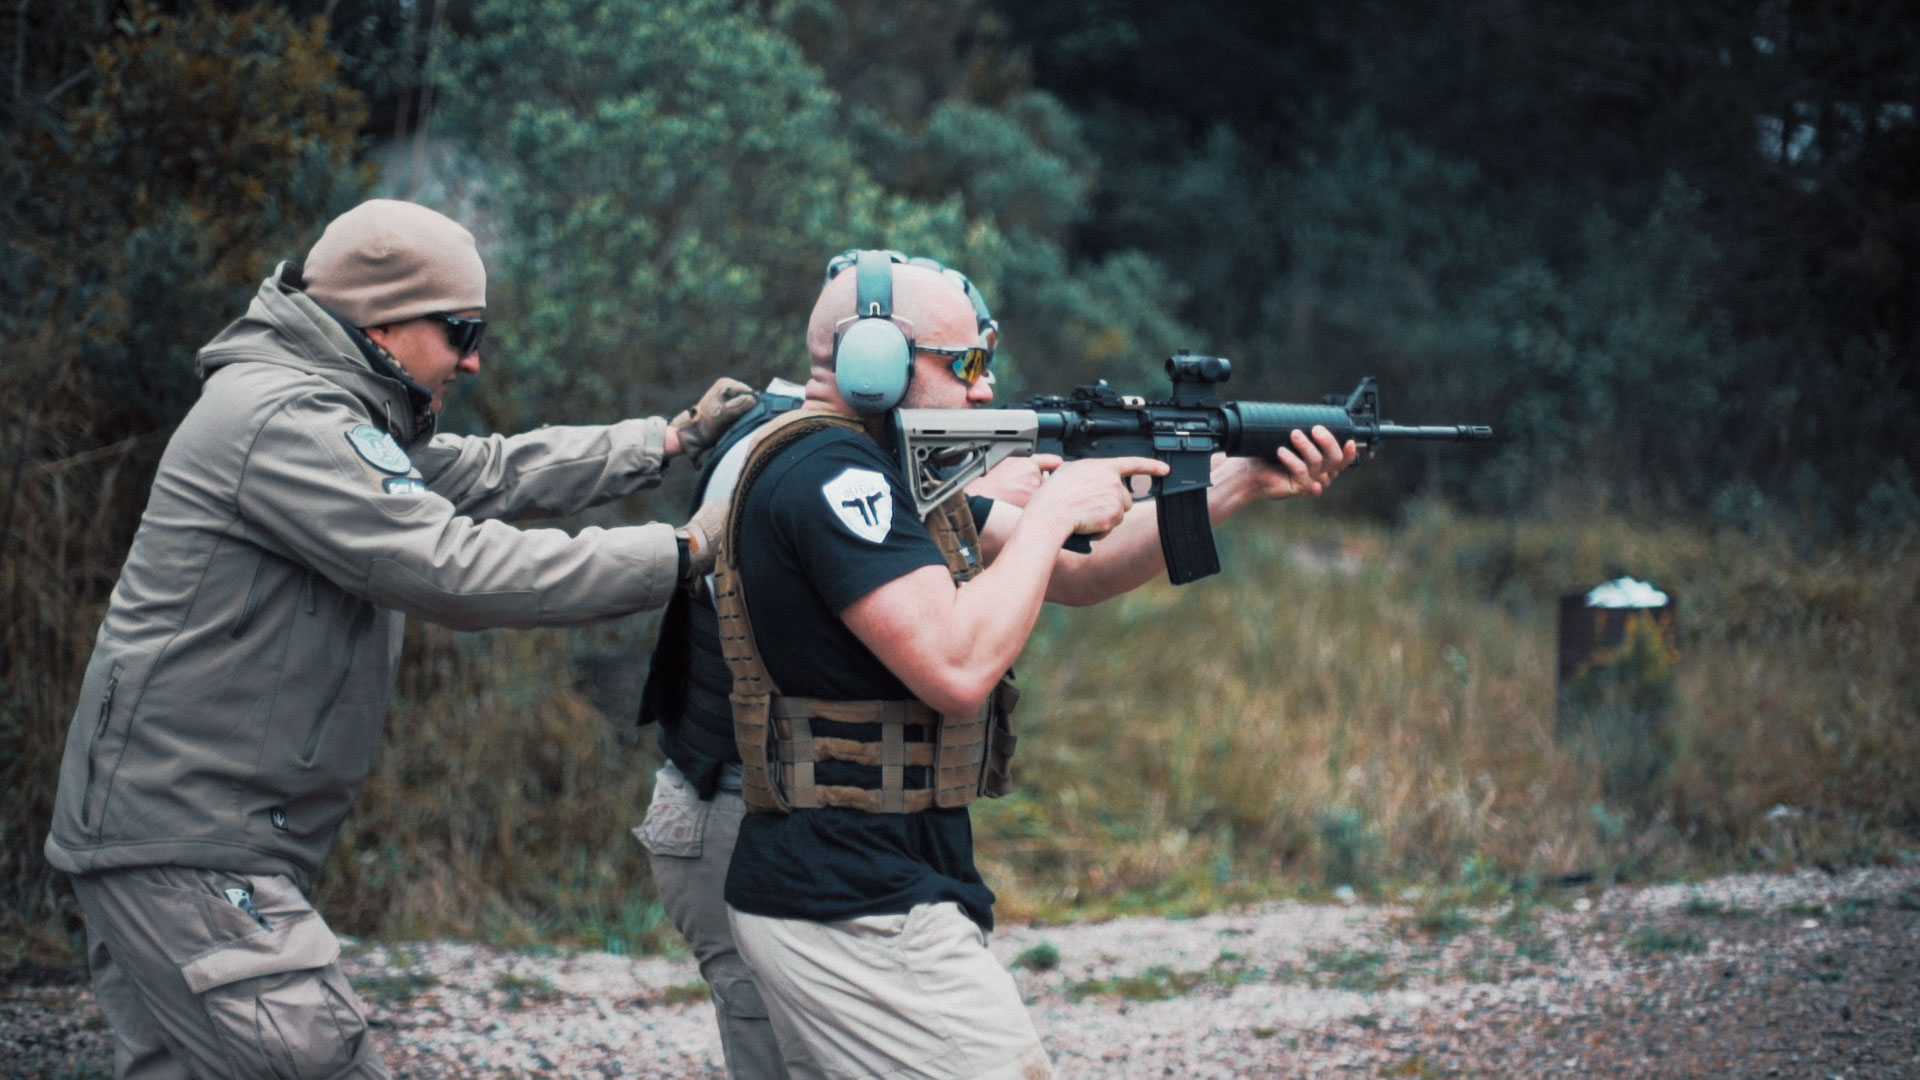 Tiro com Fuzil 5.56mm – Nível 1 (Básico)